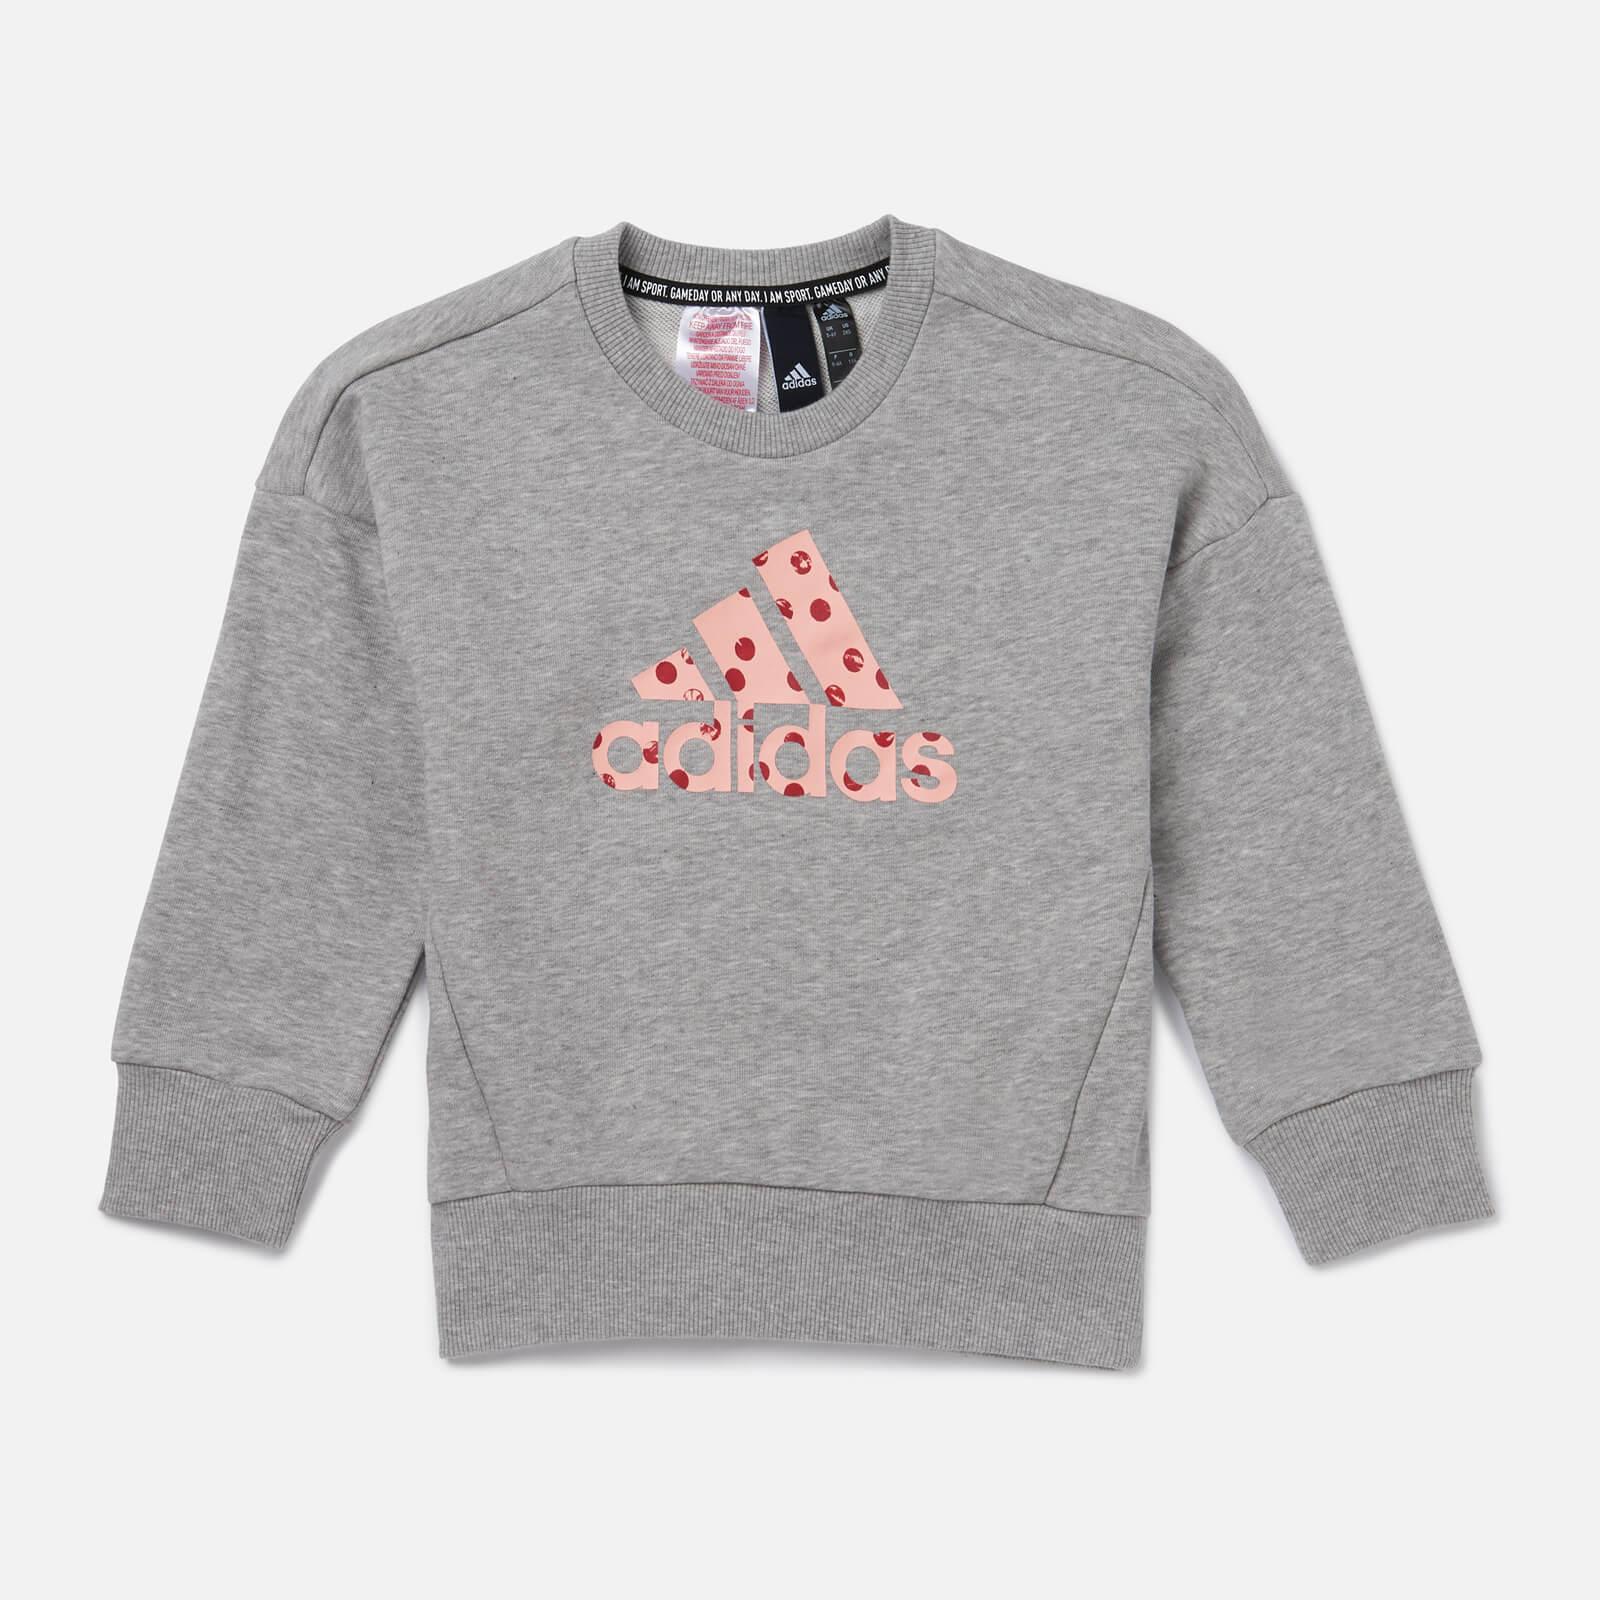 adidas Girls' Young Girls Crew Neck Sweatshirt - Grey - 9-10 Years